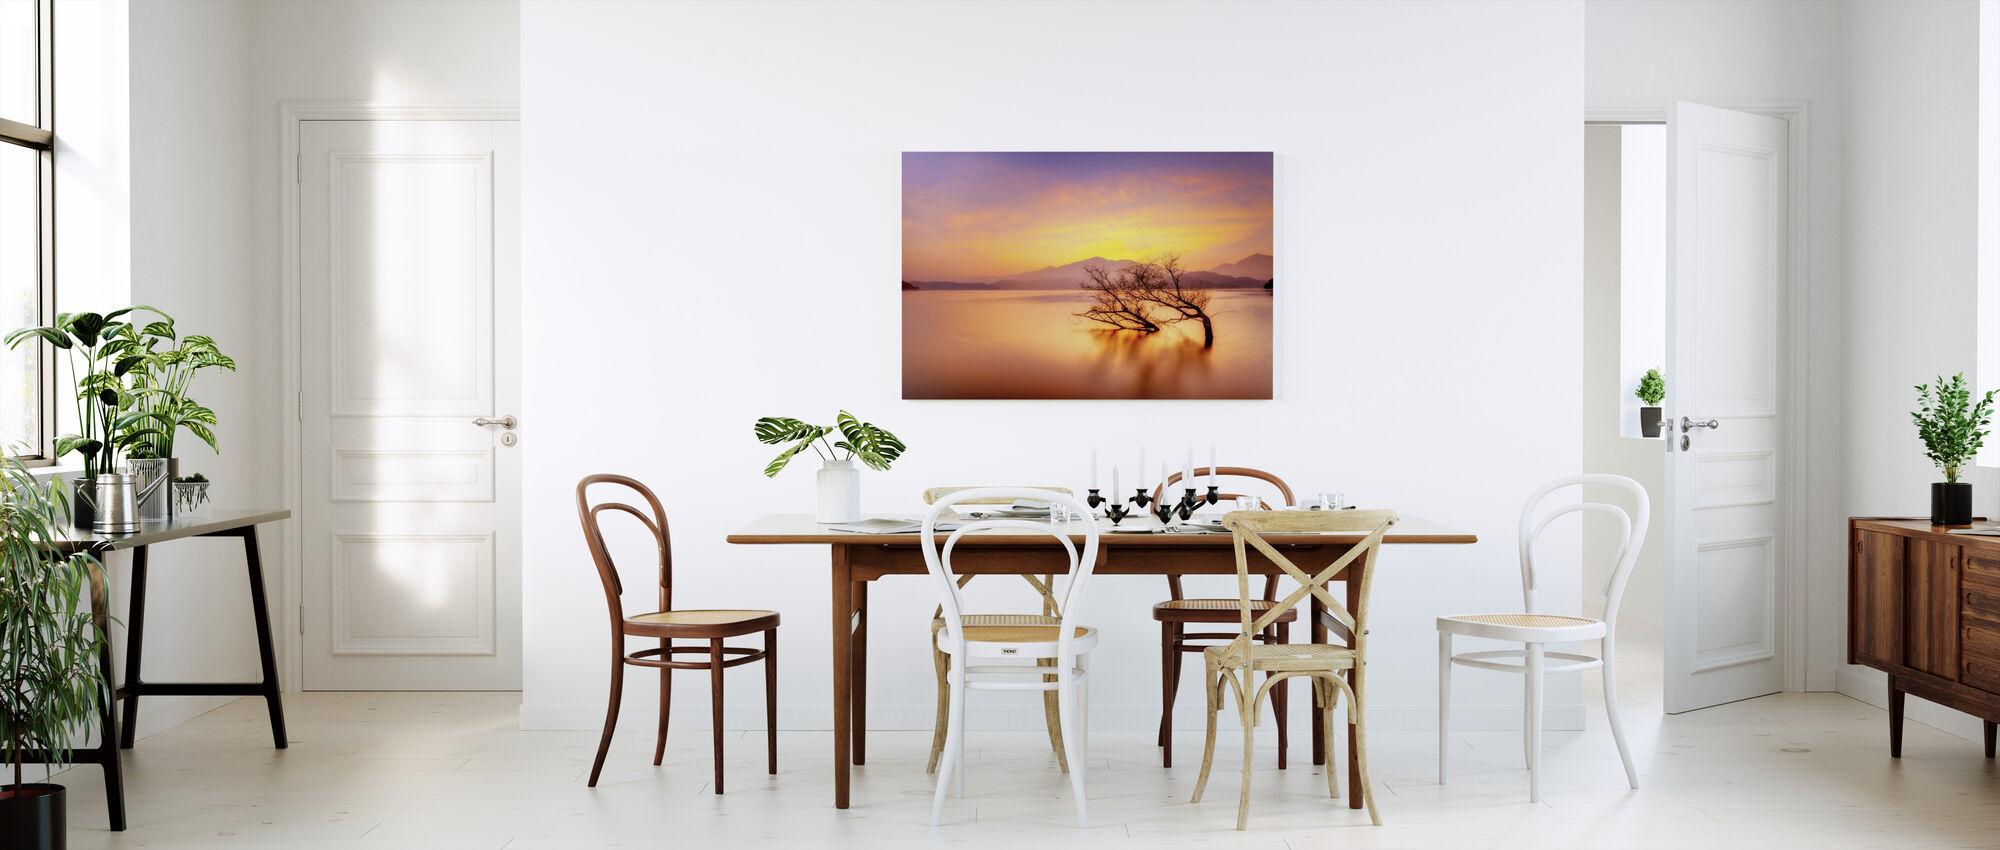 Rosy Sunset järven yli - Canvastaulu - Keittiö